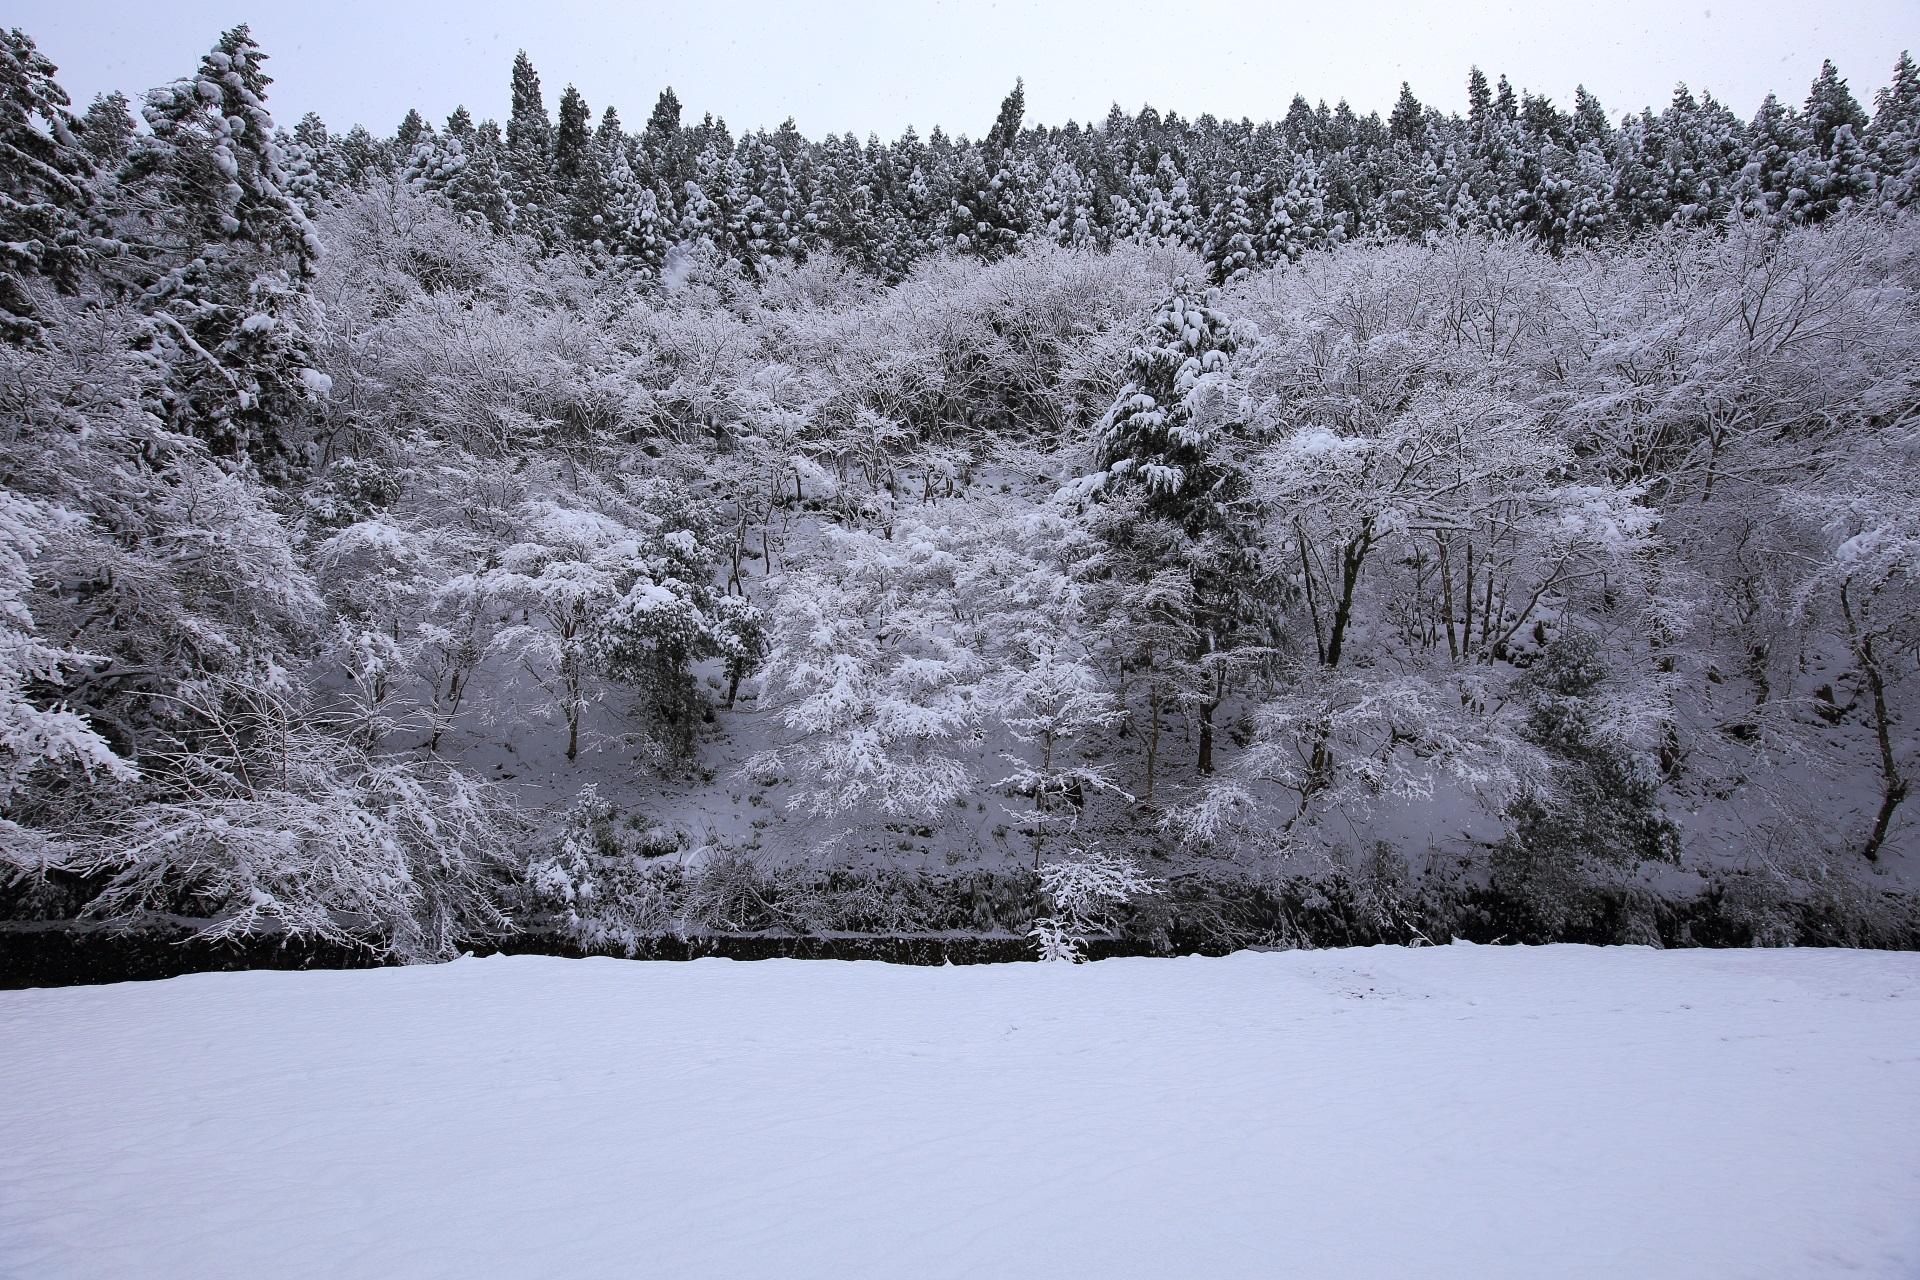 冬の貴船川と極上の雪景色